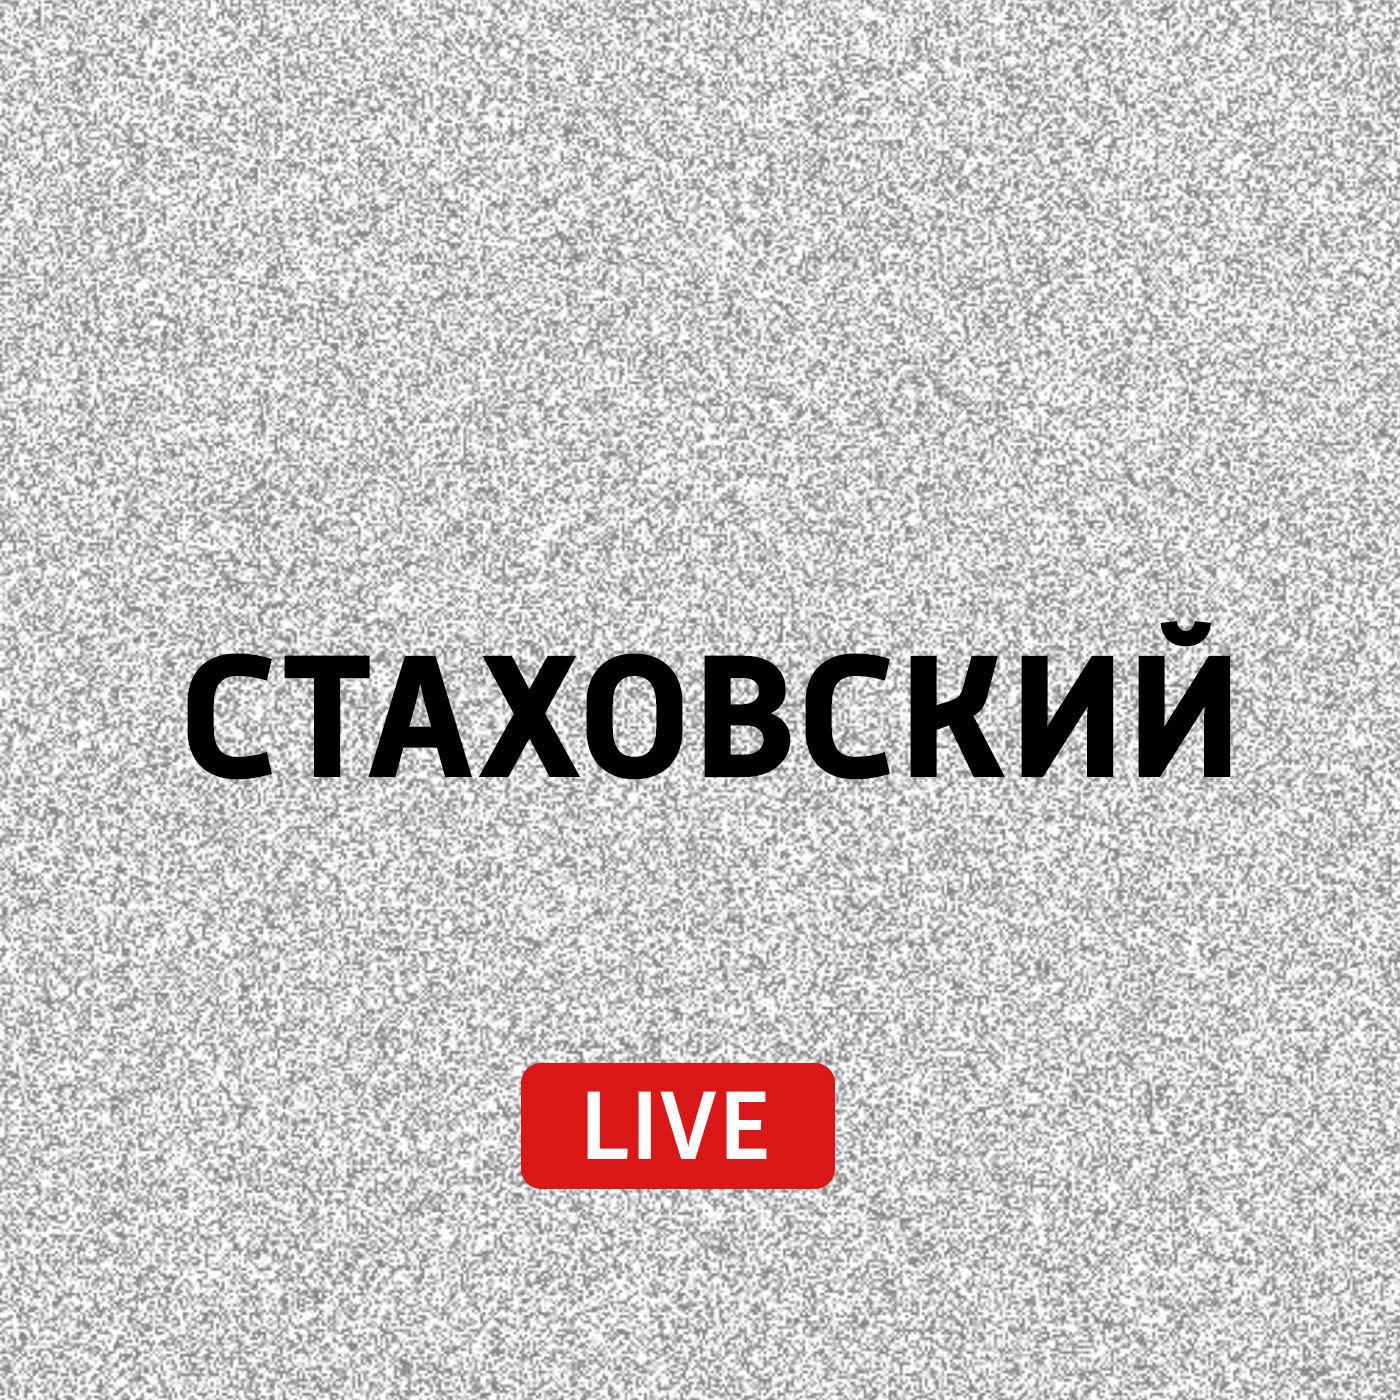 цена на Евгений Стаховский Башня Сиюмбике, учительские судьбы и реклама